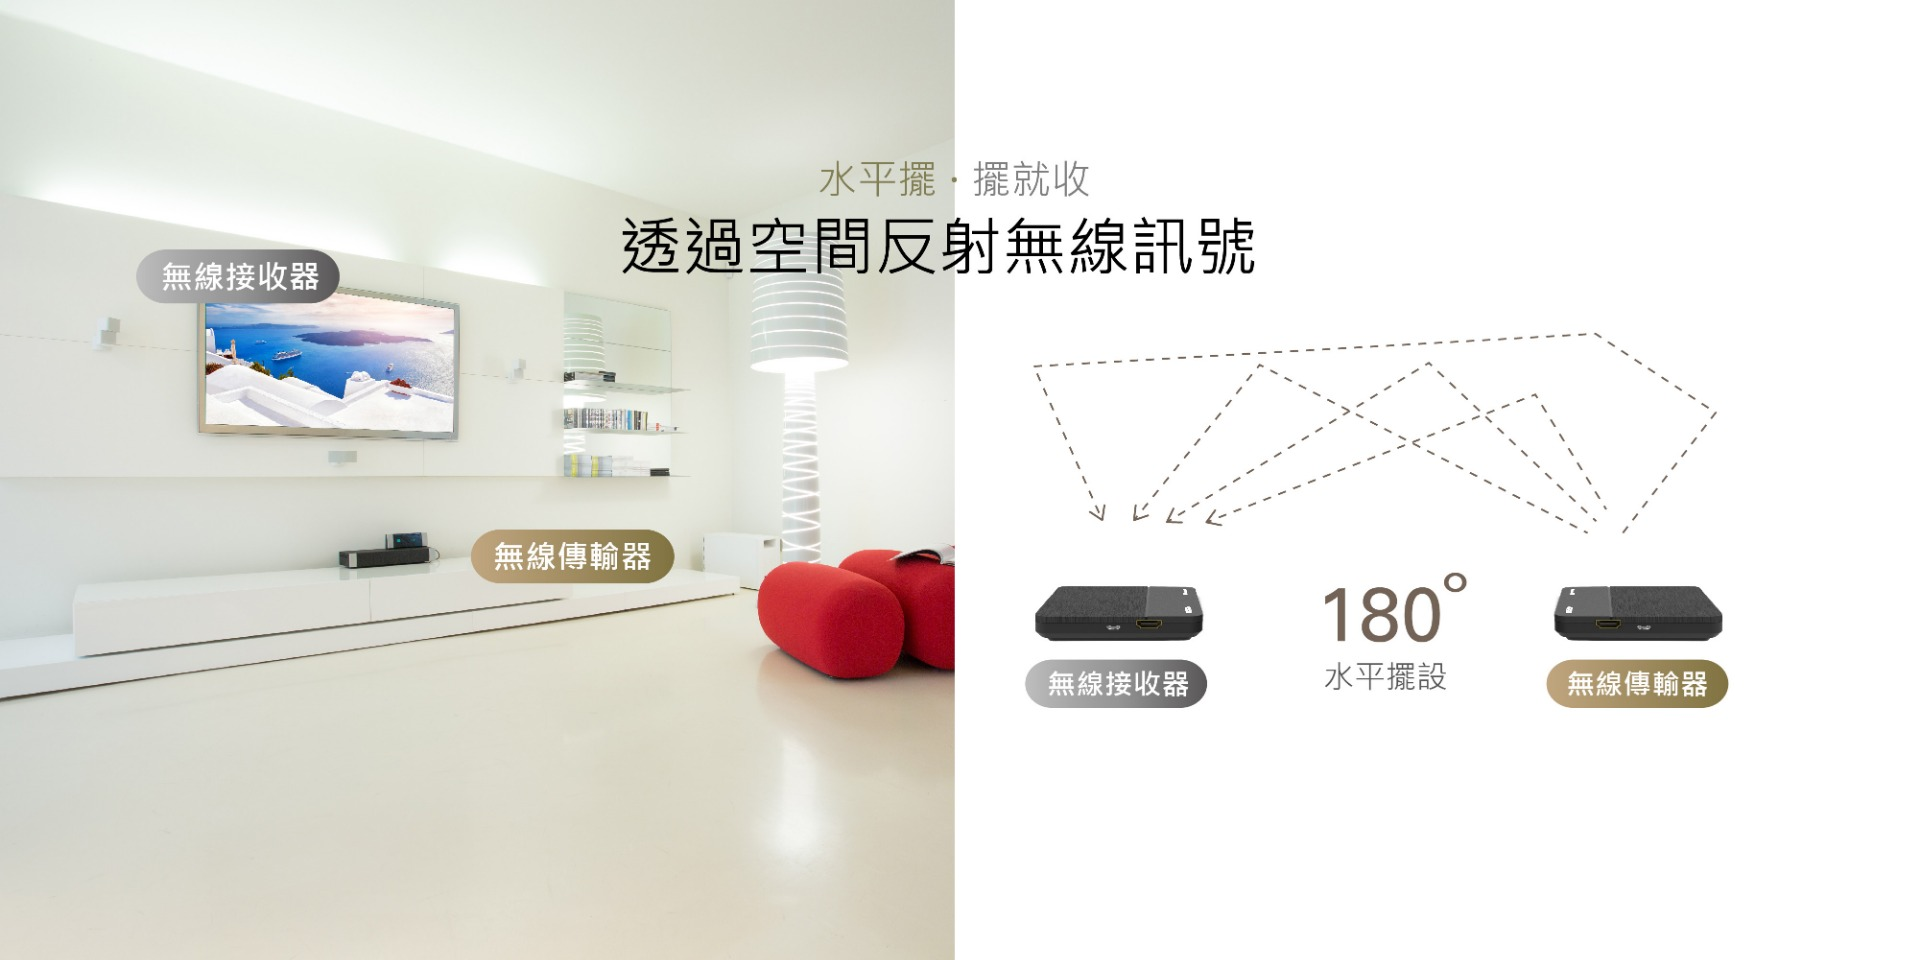 proimages/product/Wireless/WTR-4K/WTR-4K_15_resized.jpg